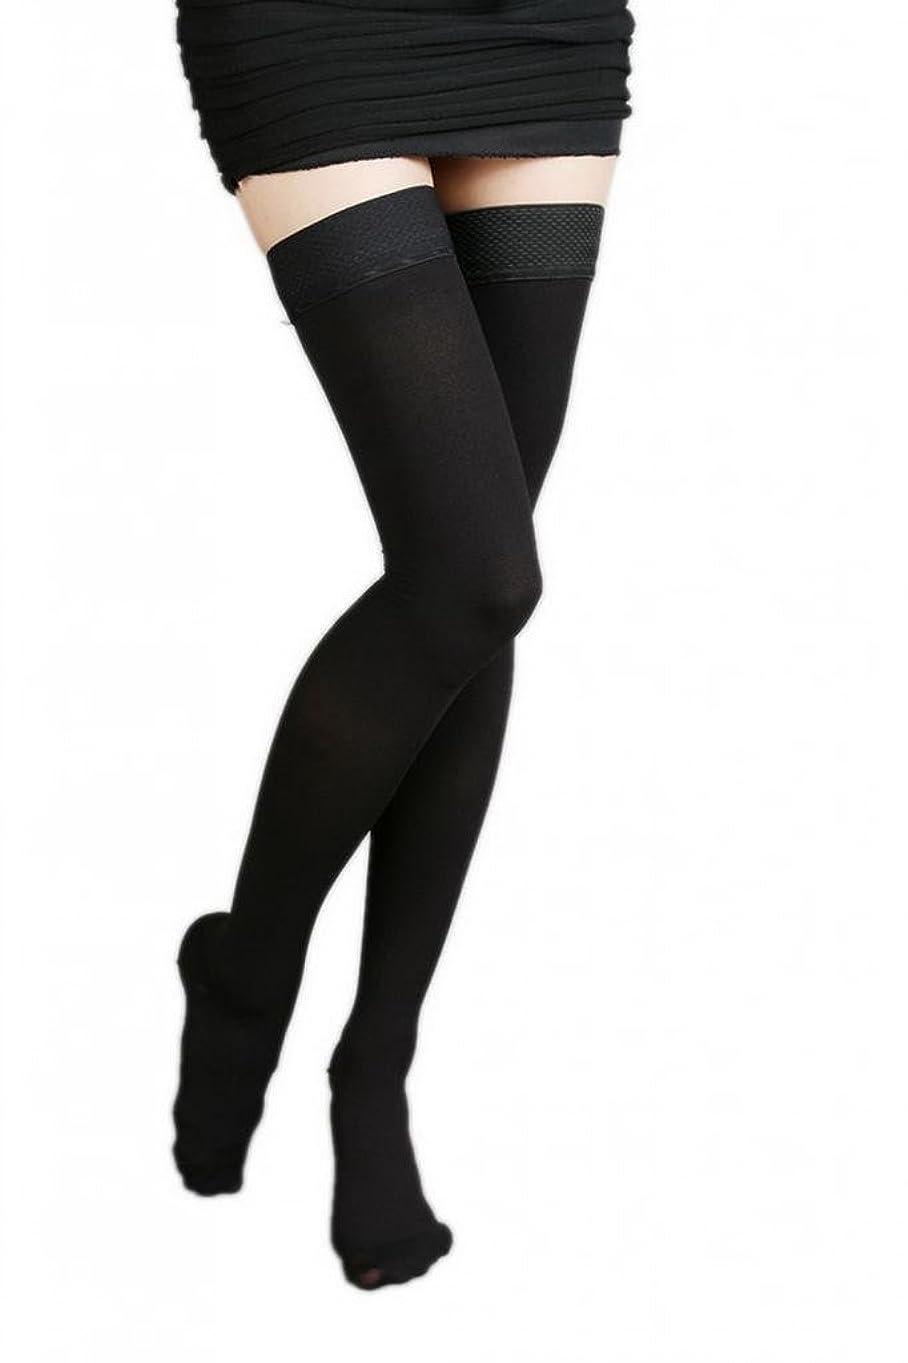 異常ランク疫病(ラボーグ)La Vogue 美脚 着圧オーバーニーソックス ハイソックス 靴下 弾性ストッキング つま先あり着圧ソックス XL 1級低圧 黒色